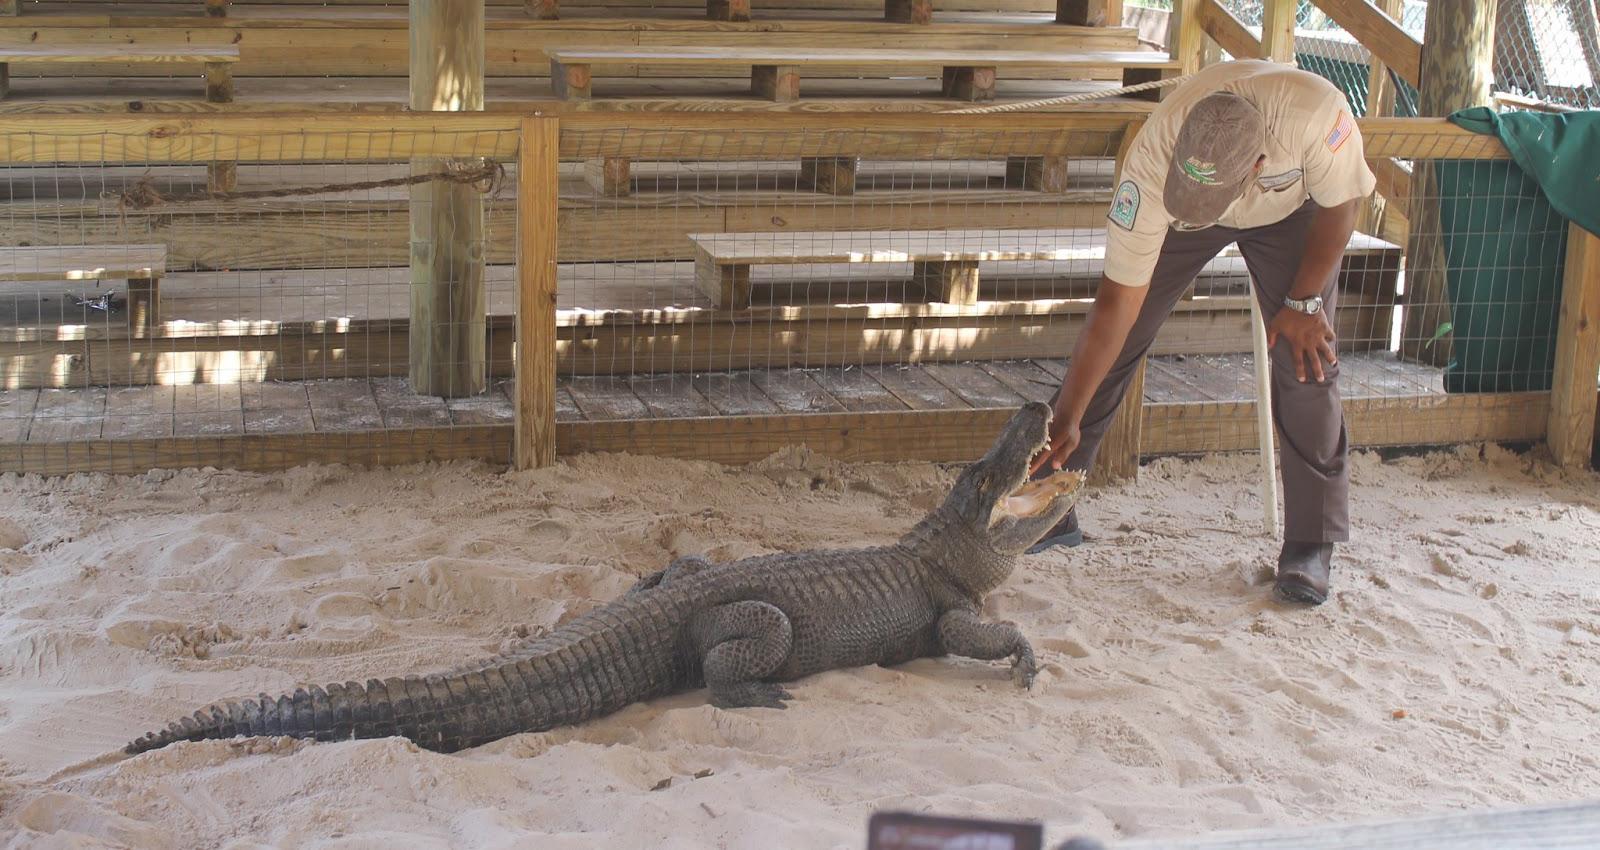 Ataques de jacarés: turistas devem ter cuidados na Flórida